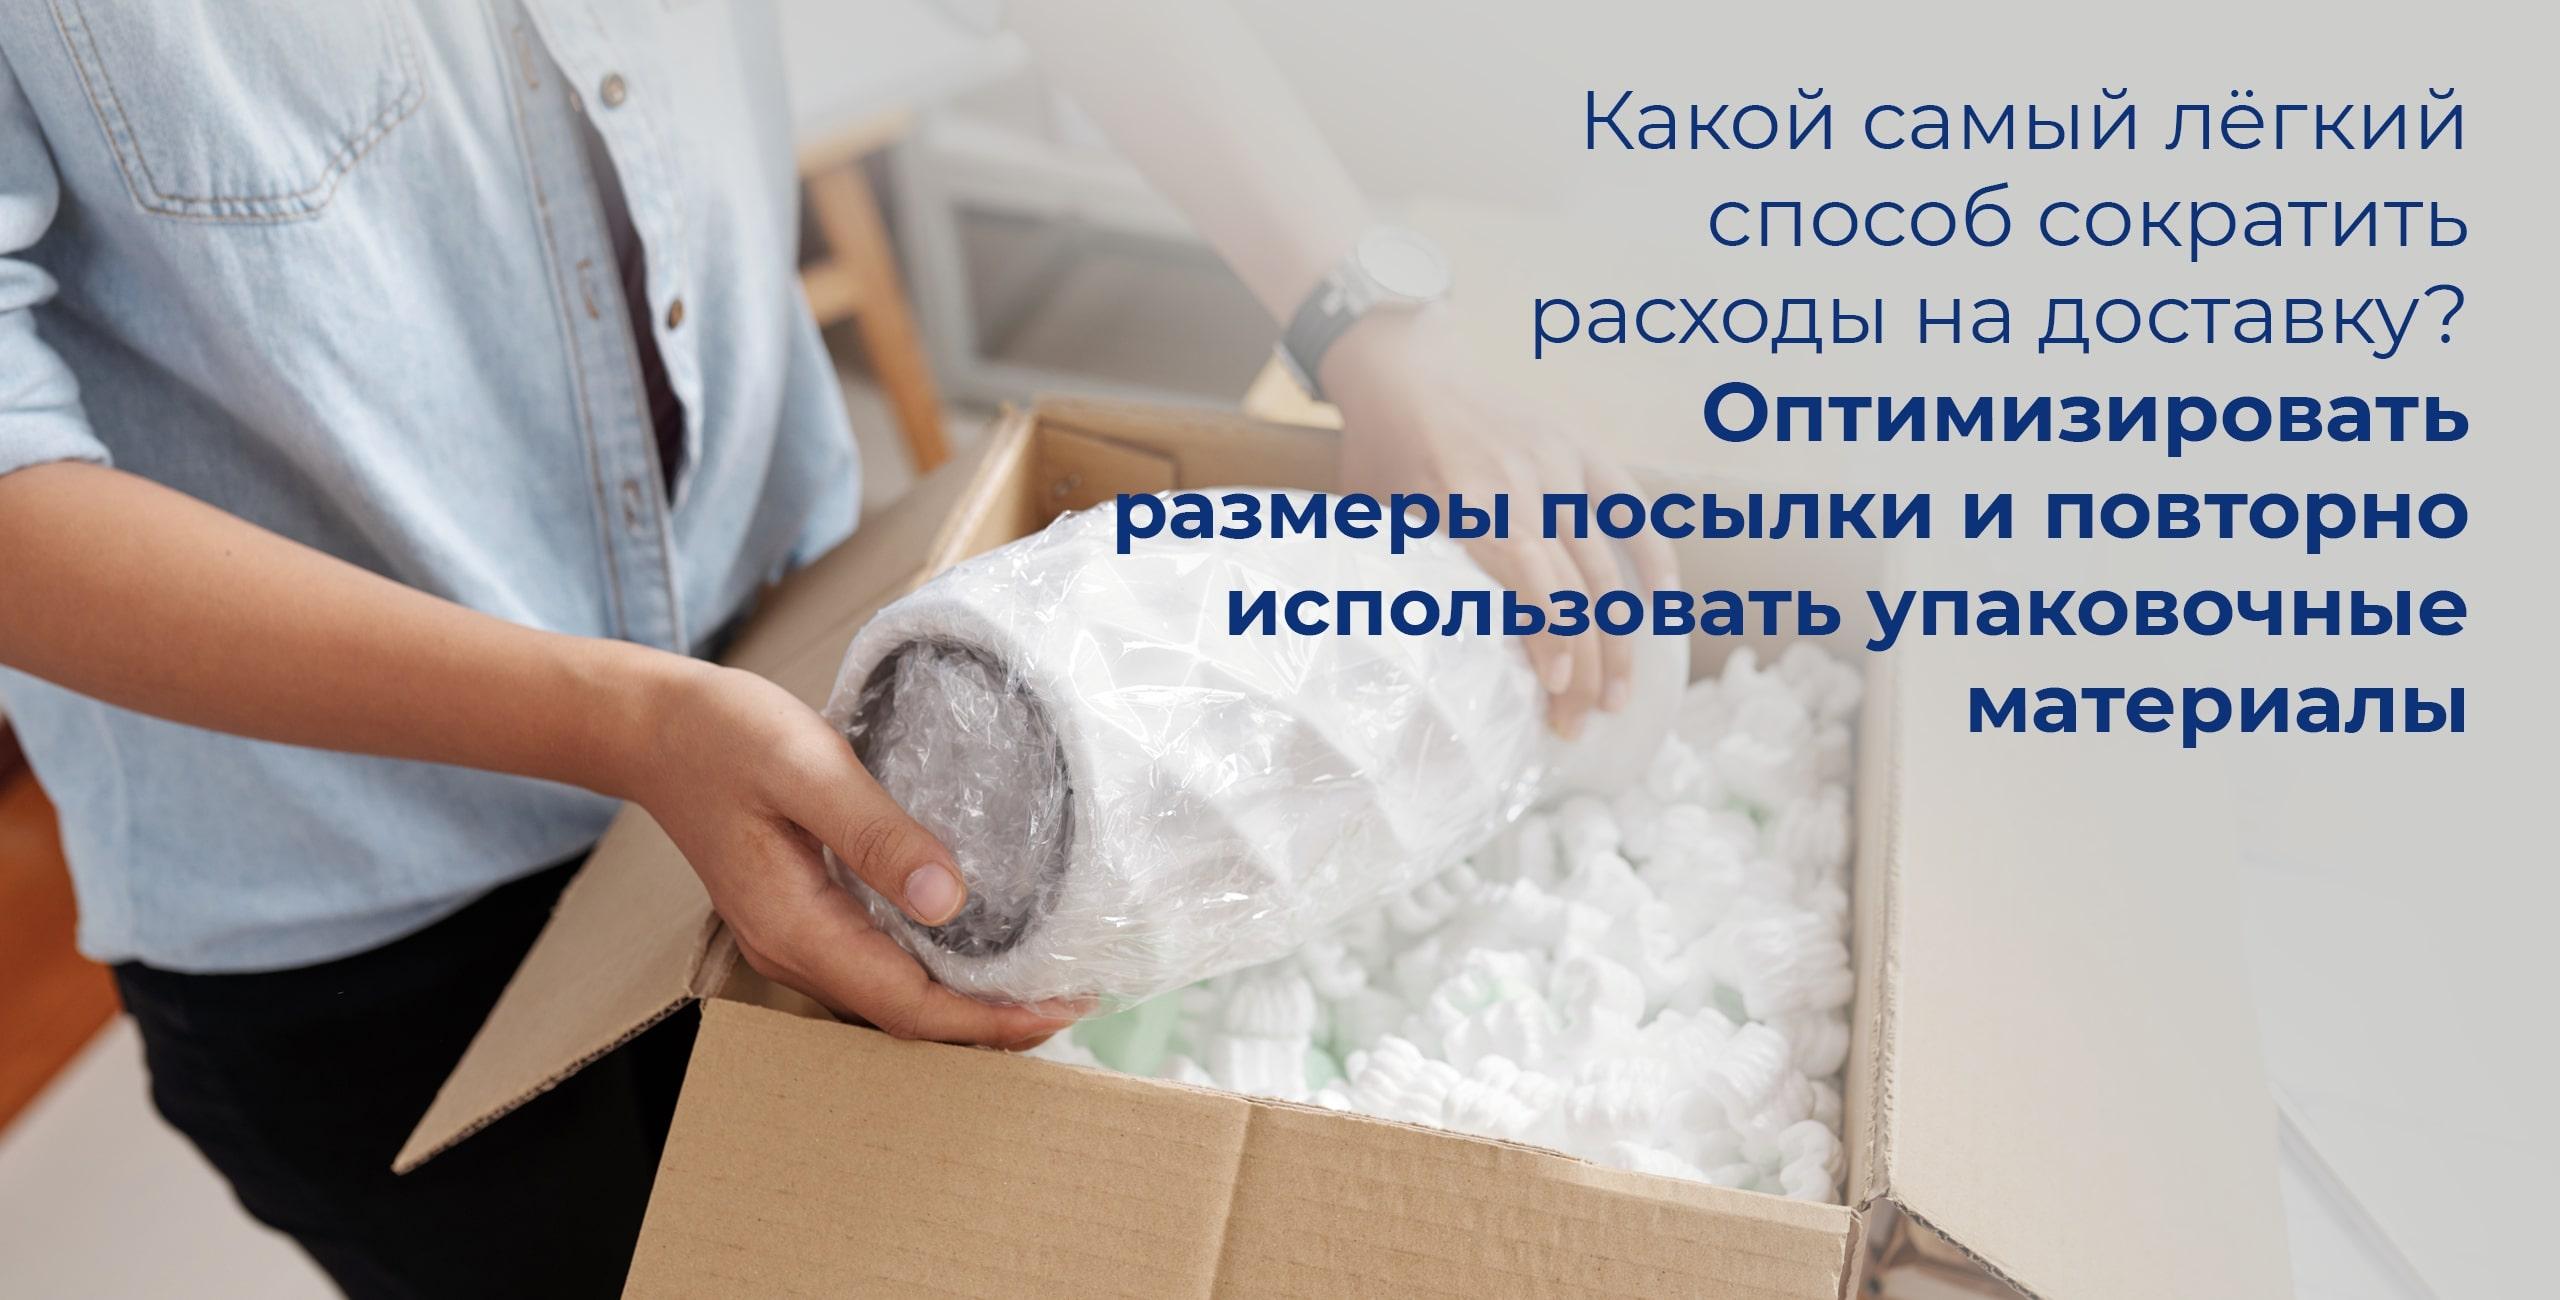 международной доставке посылок